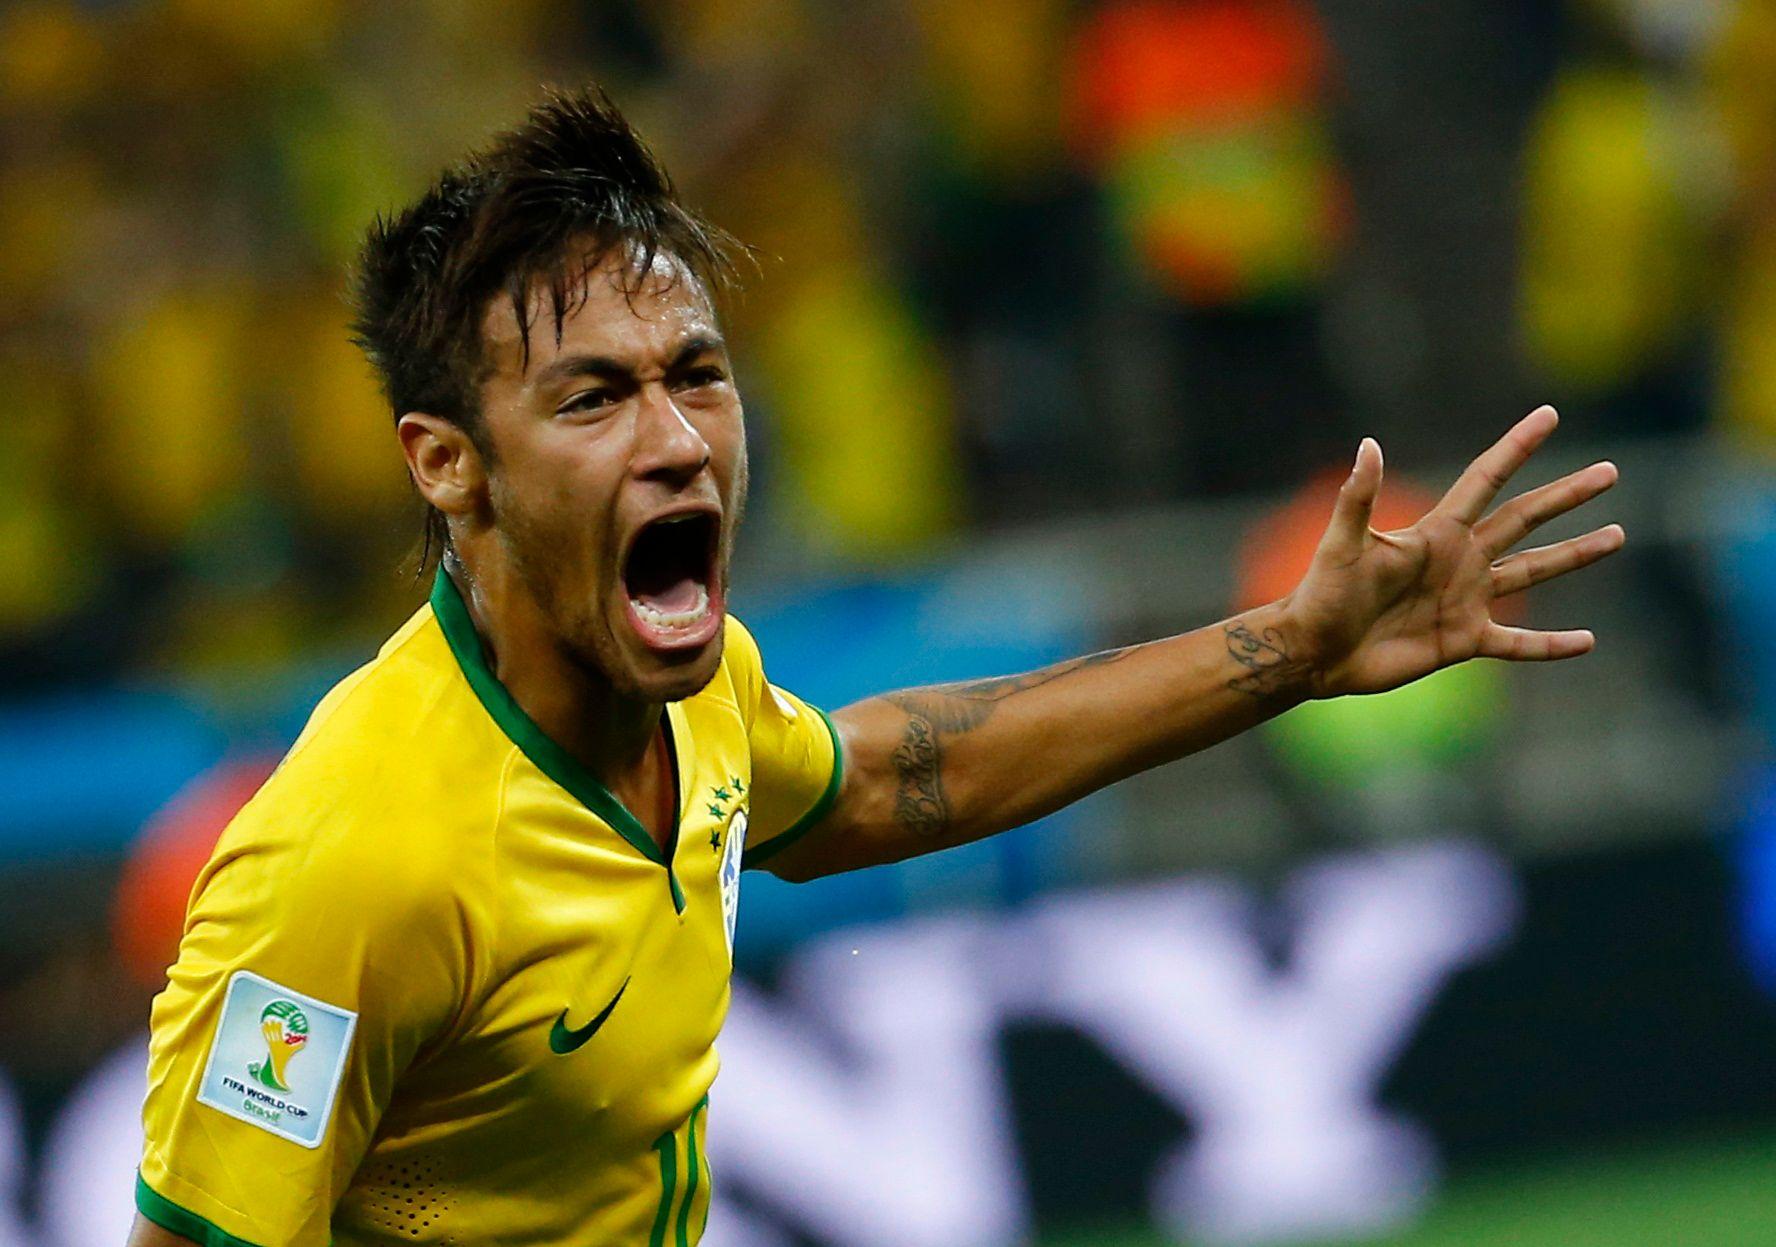 Le footballeur Neymar mis en examen au Brésil pour évasion fiscale